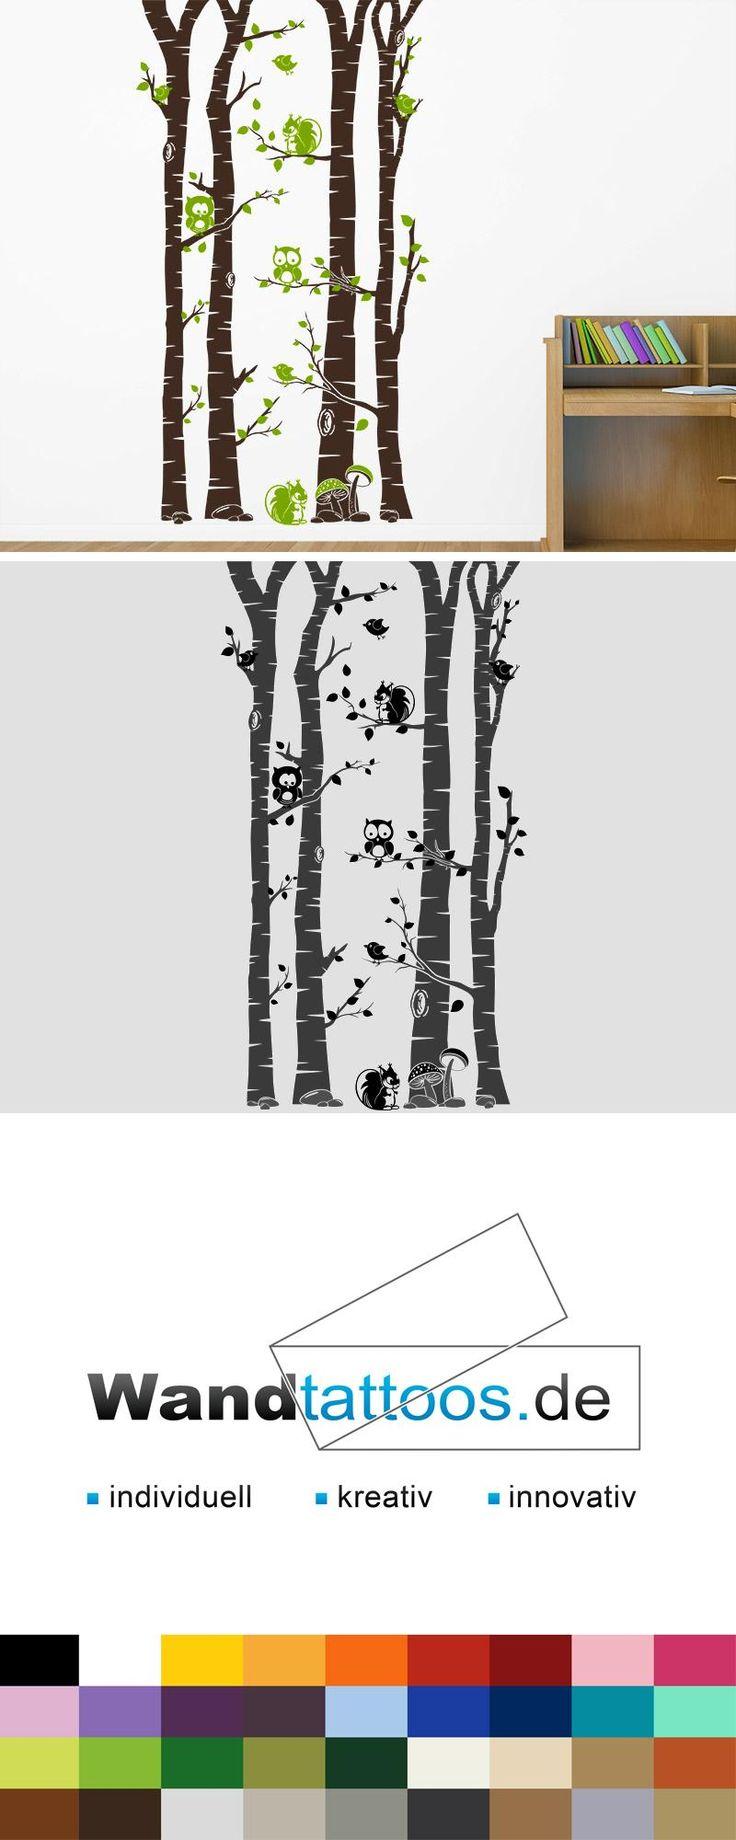 Lovely Wandtattoo Wald mit Waldbewohnern als Idee zur individuellen Wandgestaltung Einfach Lieblingsfarbe und Gr e ausw hlen